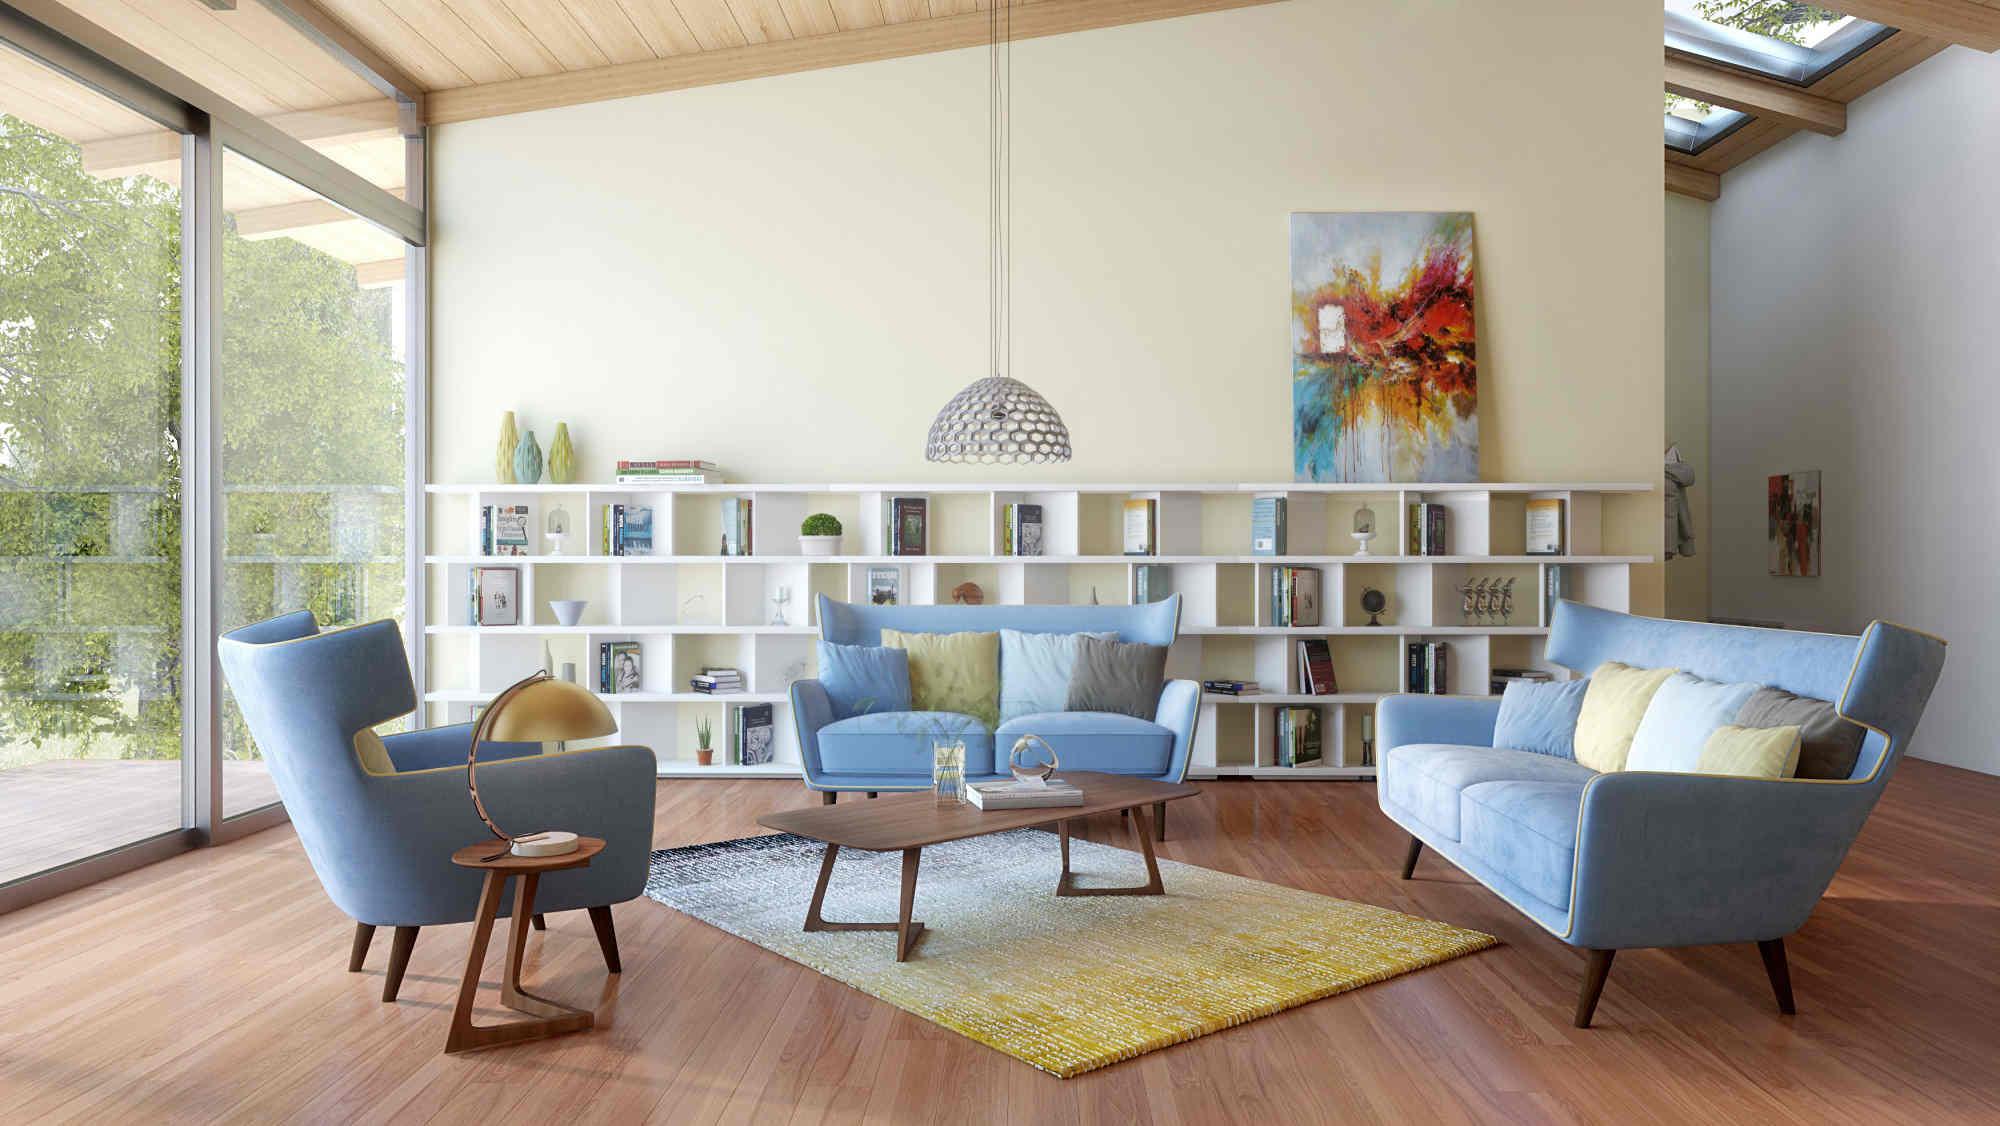 30 idee per arredare casa stile anni 70 ForArredamento Stile Anni 70